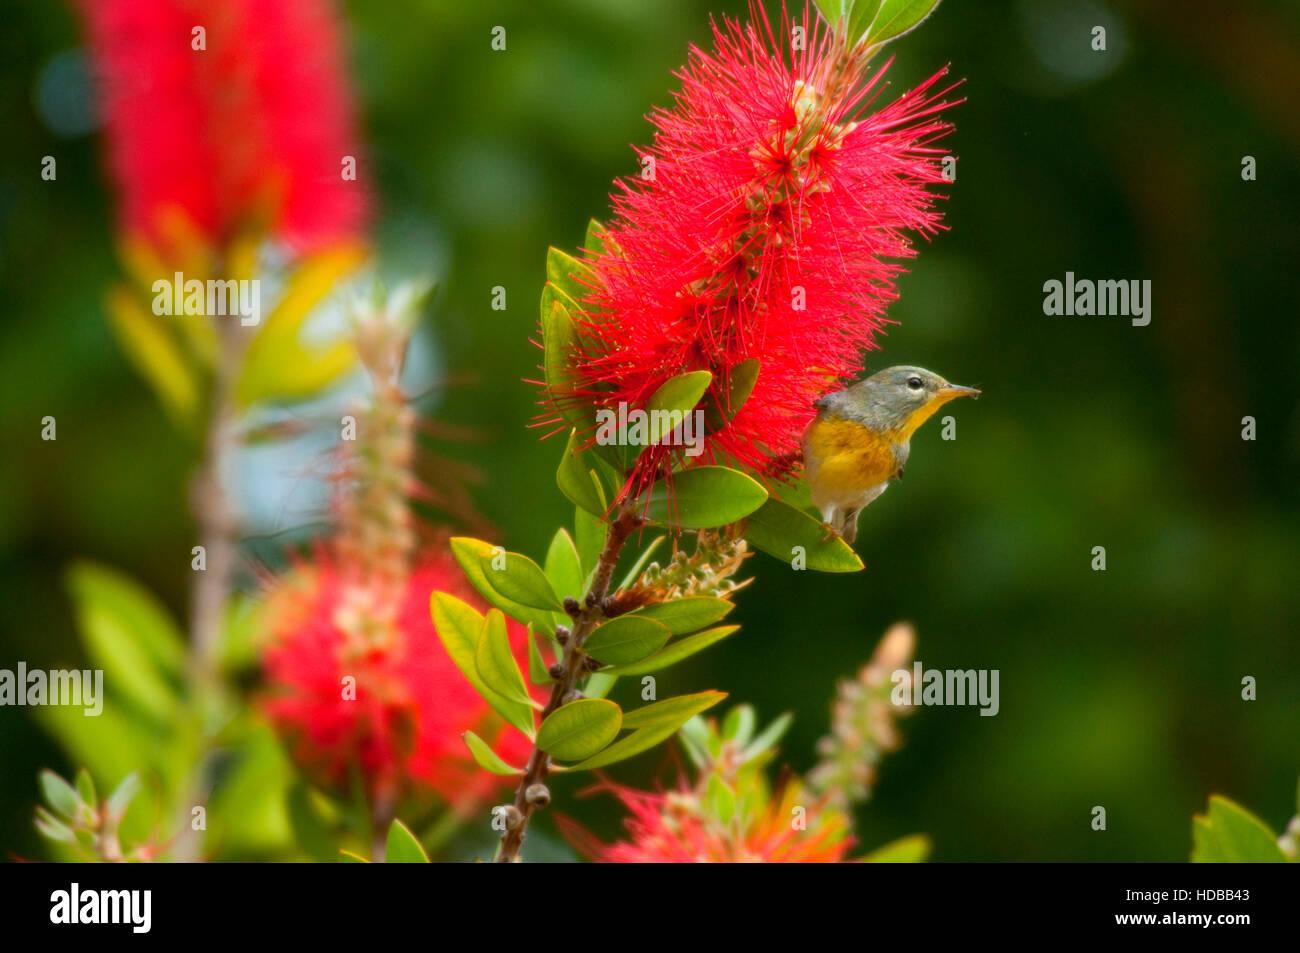 Northern Parula on bottlebrush tree, Leonabelle Turnbull Birding Center, Aransas Pass, Texas - Stock Image